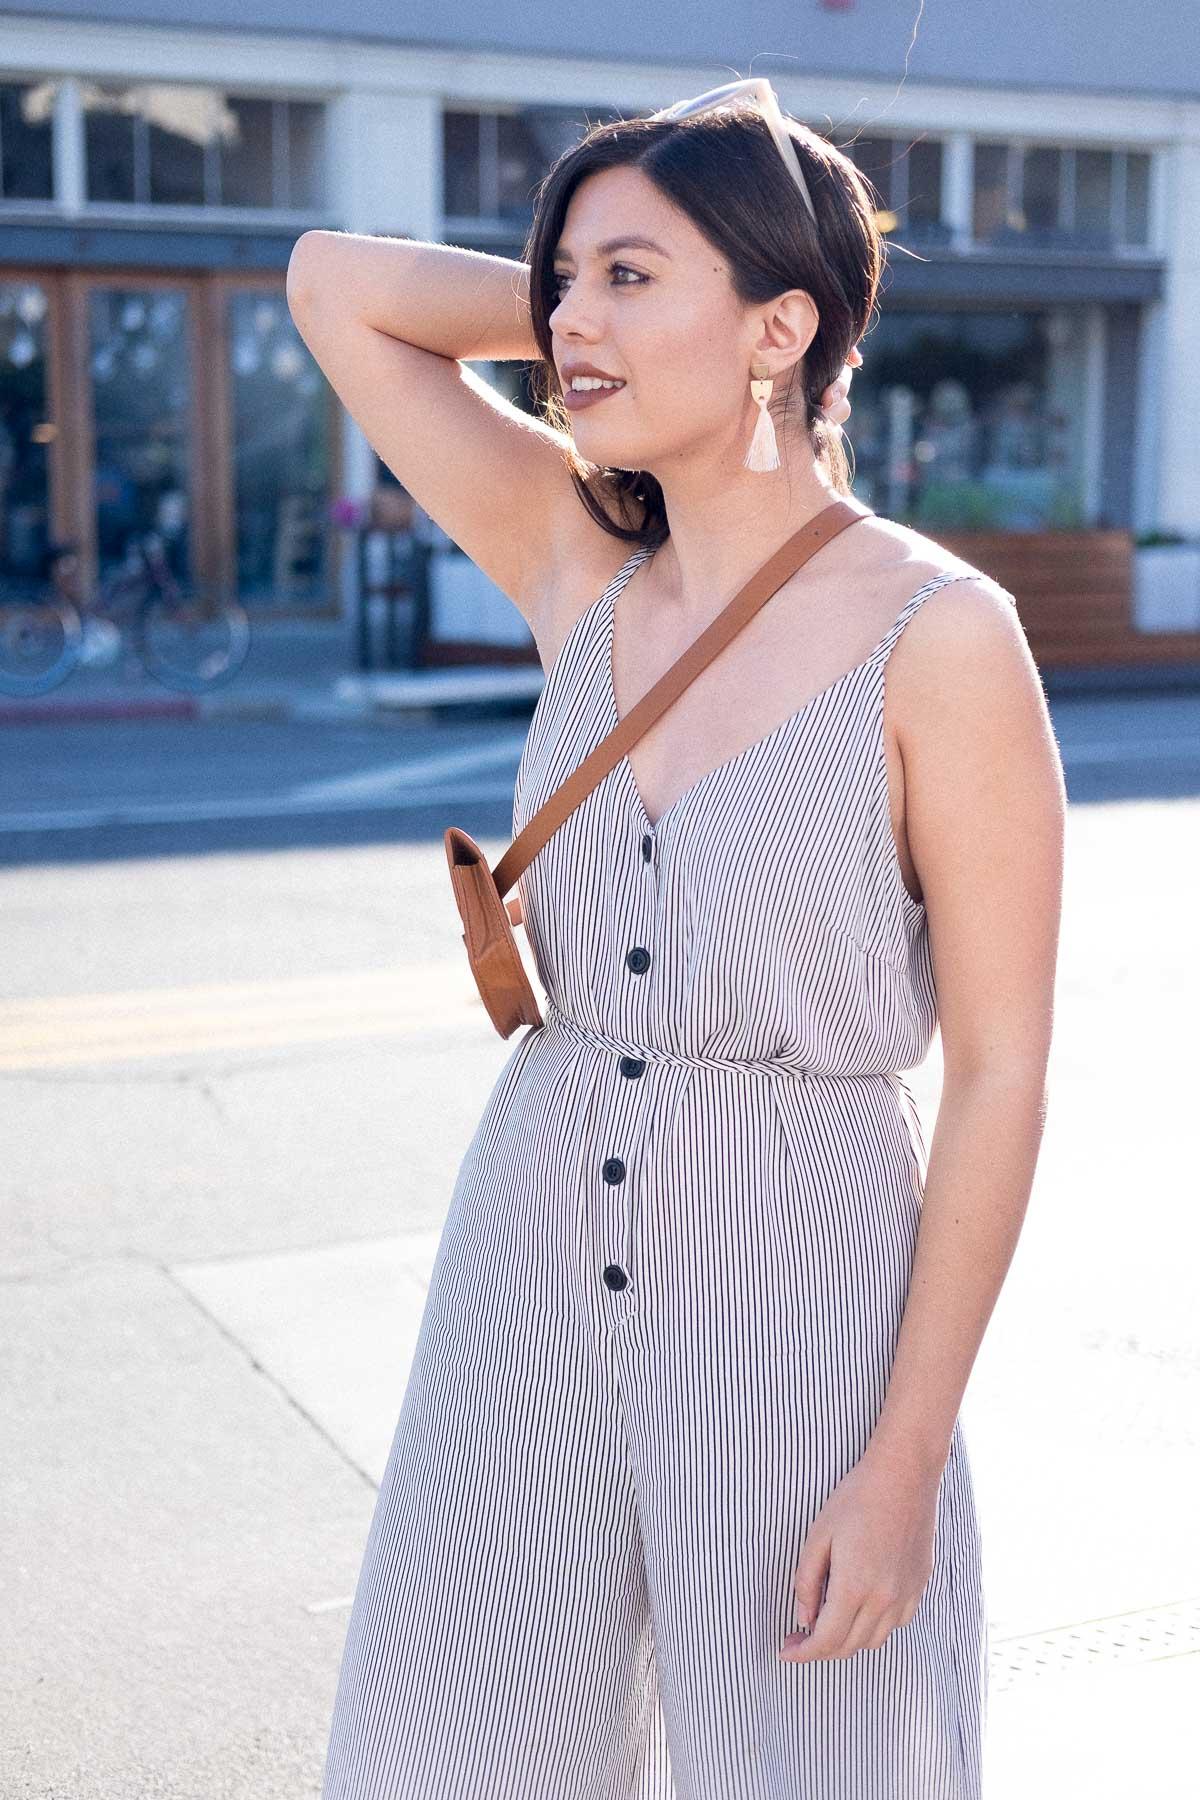 Rachel Off Duty: Woman Outside Coffee Shop